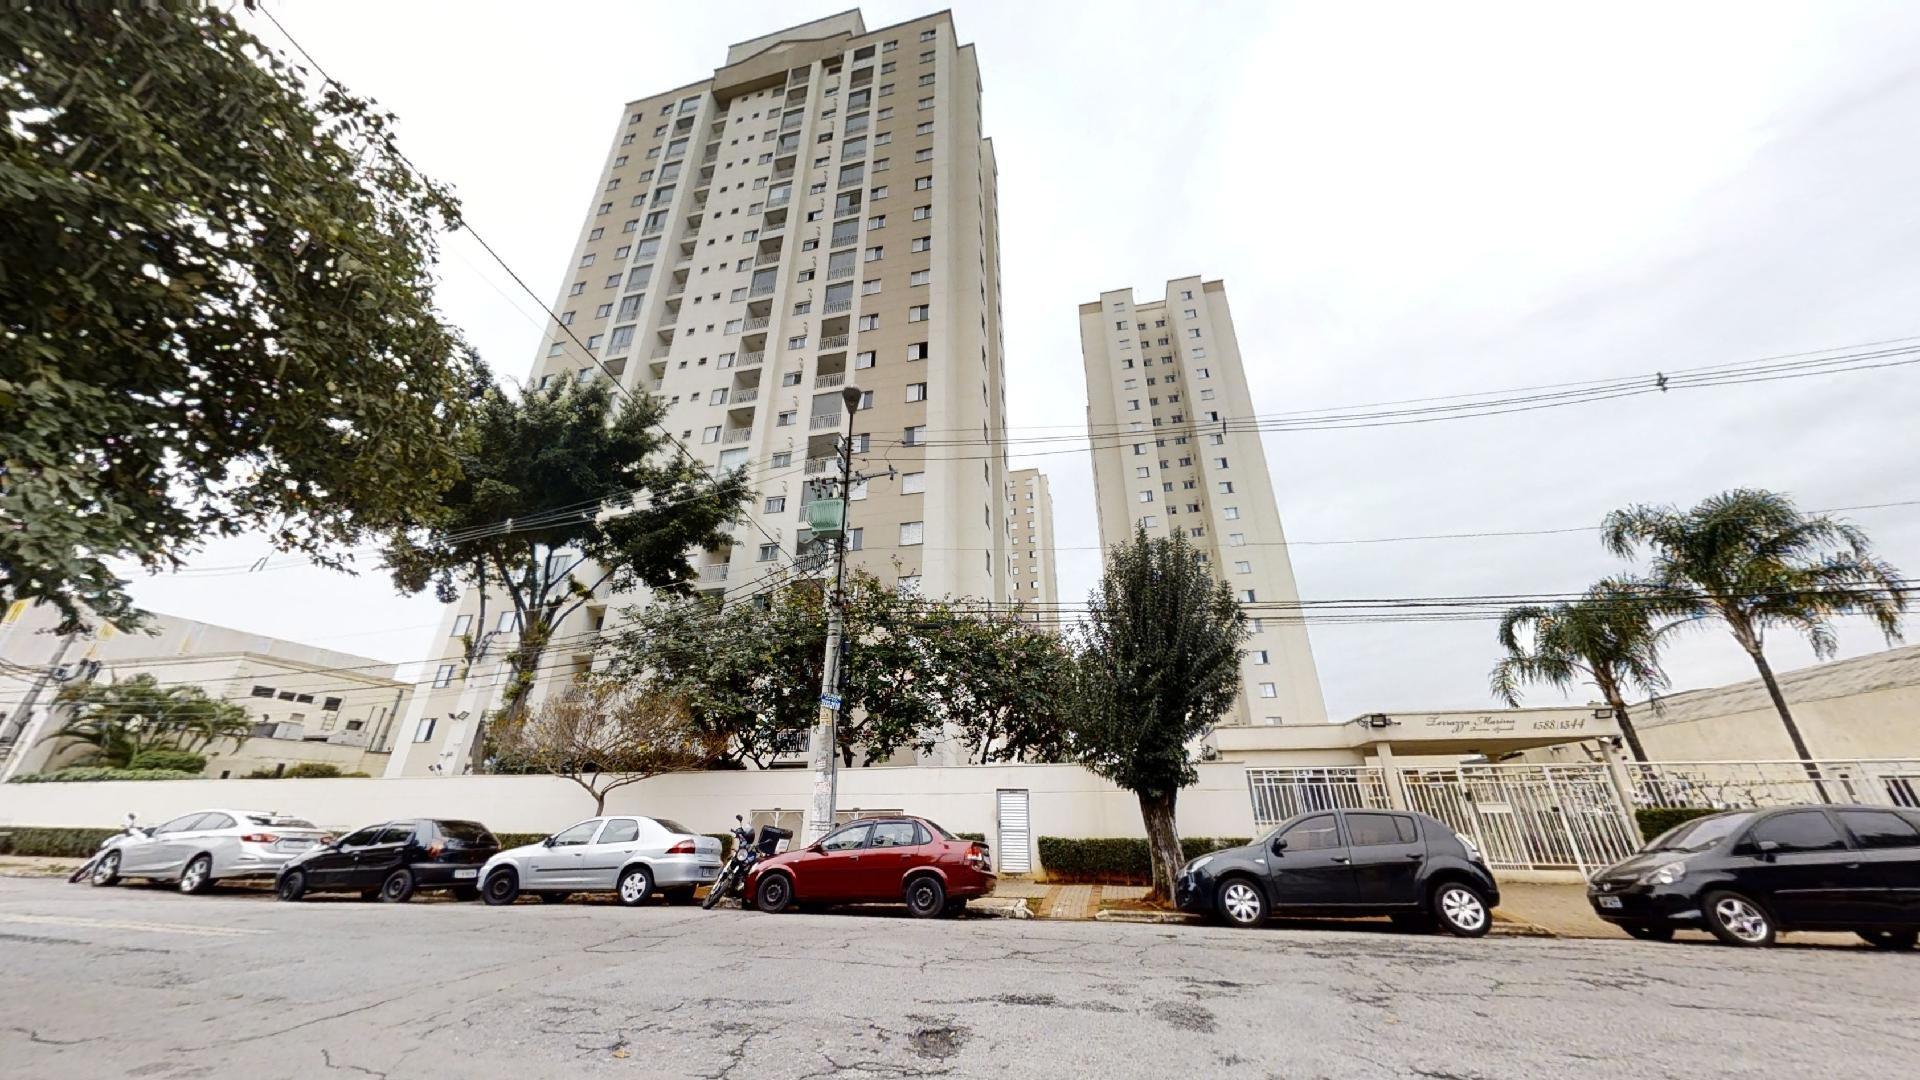 Avenida Santa Marina 1588 apto. 53, Barra Funda, São Paulo 05036-001, 2 Dormitórios Dormitórios, 1 Sala Salas,1 BanheiroBanheiros,Apartamento,Vendas,Edifício Terrazza Marina, Avenida Santa Marina ,5,1058